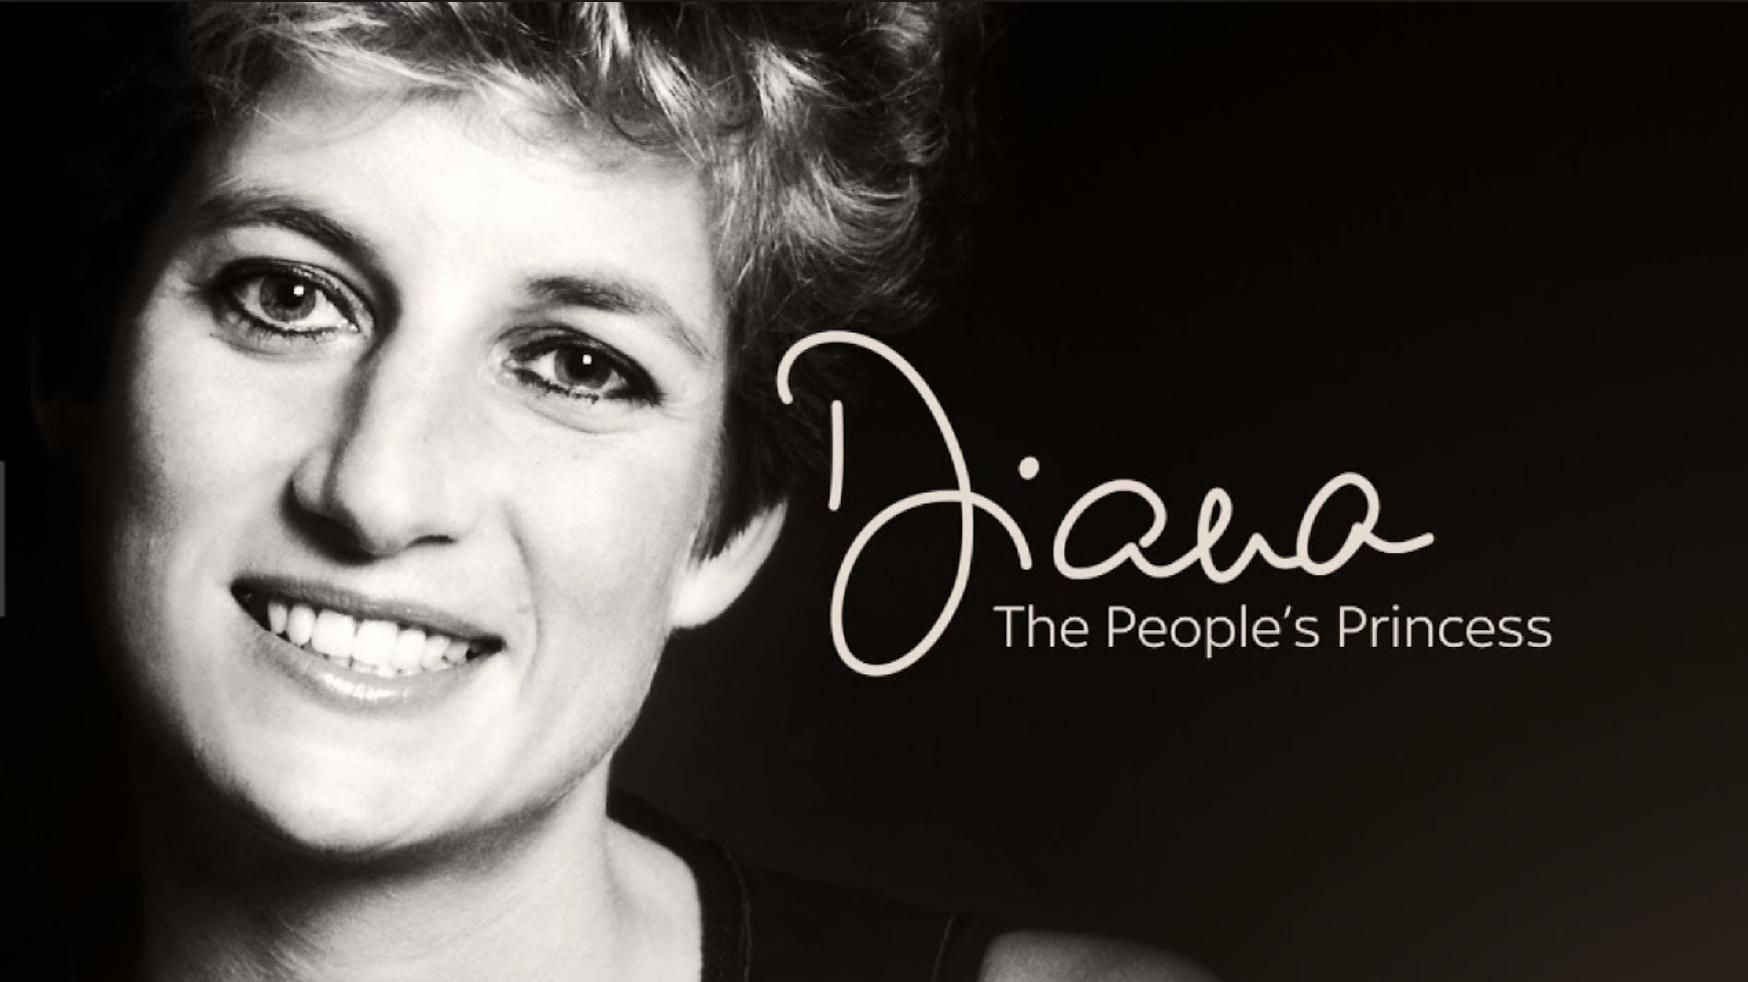 Biography of Diana, Princess of Wales Princess diana